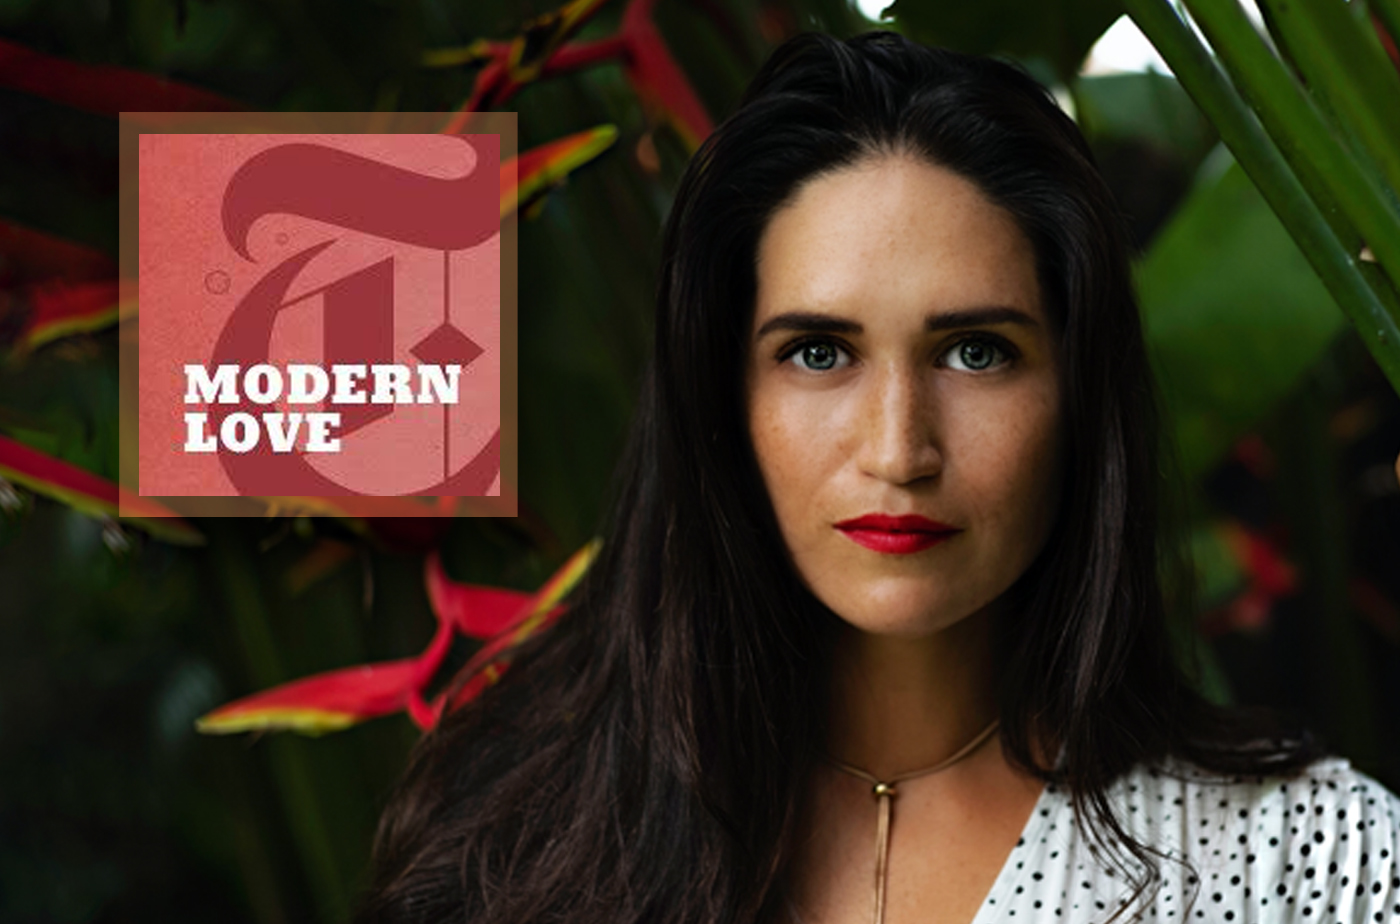 Catapult online classes: Jessica Ciencin Henriquez, 4-Week Online Nonfiction Workshop: Making Modern Love, Nonfiction, Workshop